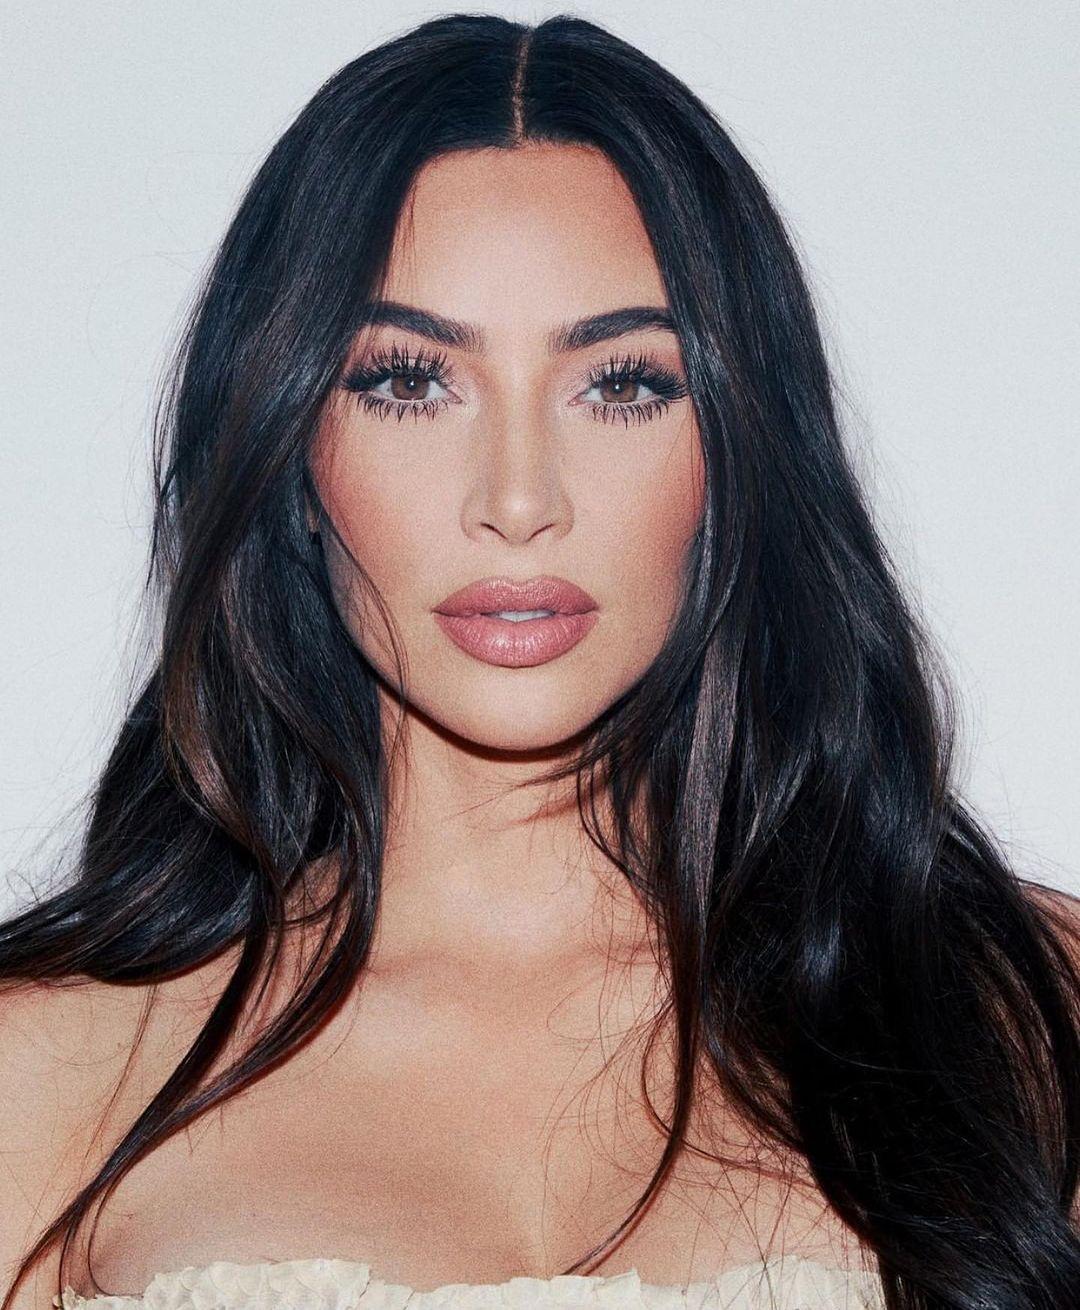 Zbulohet shifra! Kim Kardashian shpenzoi sa qimet e kokës për udhëtimin e saj të 40-vjetorit!